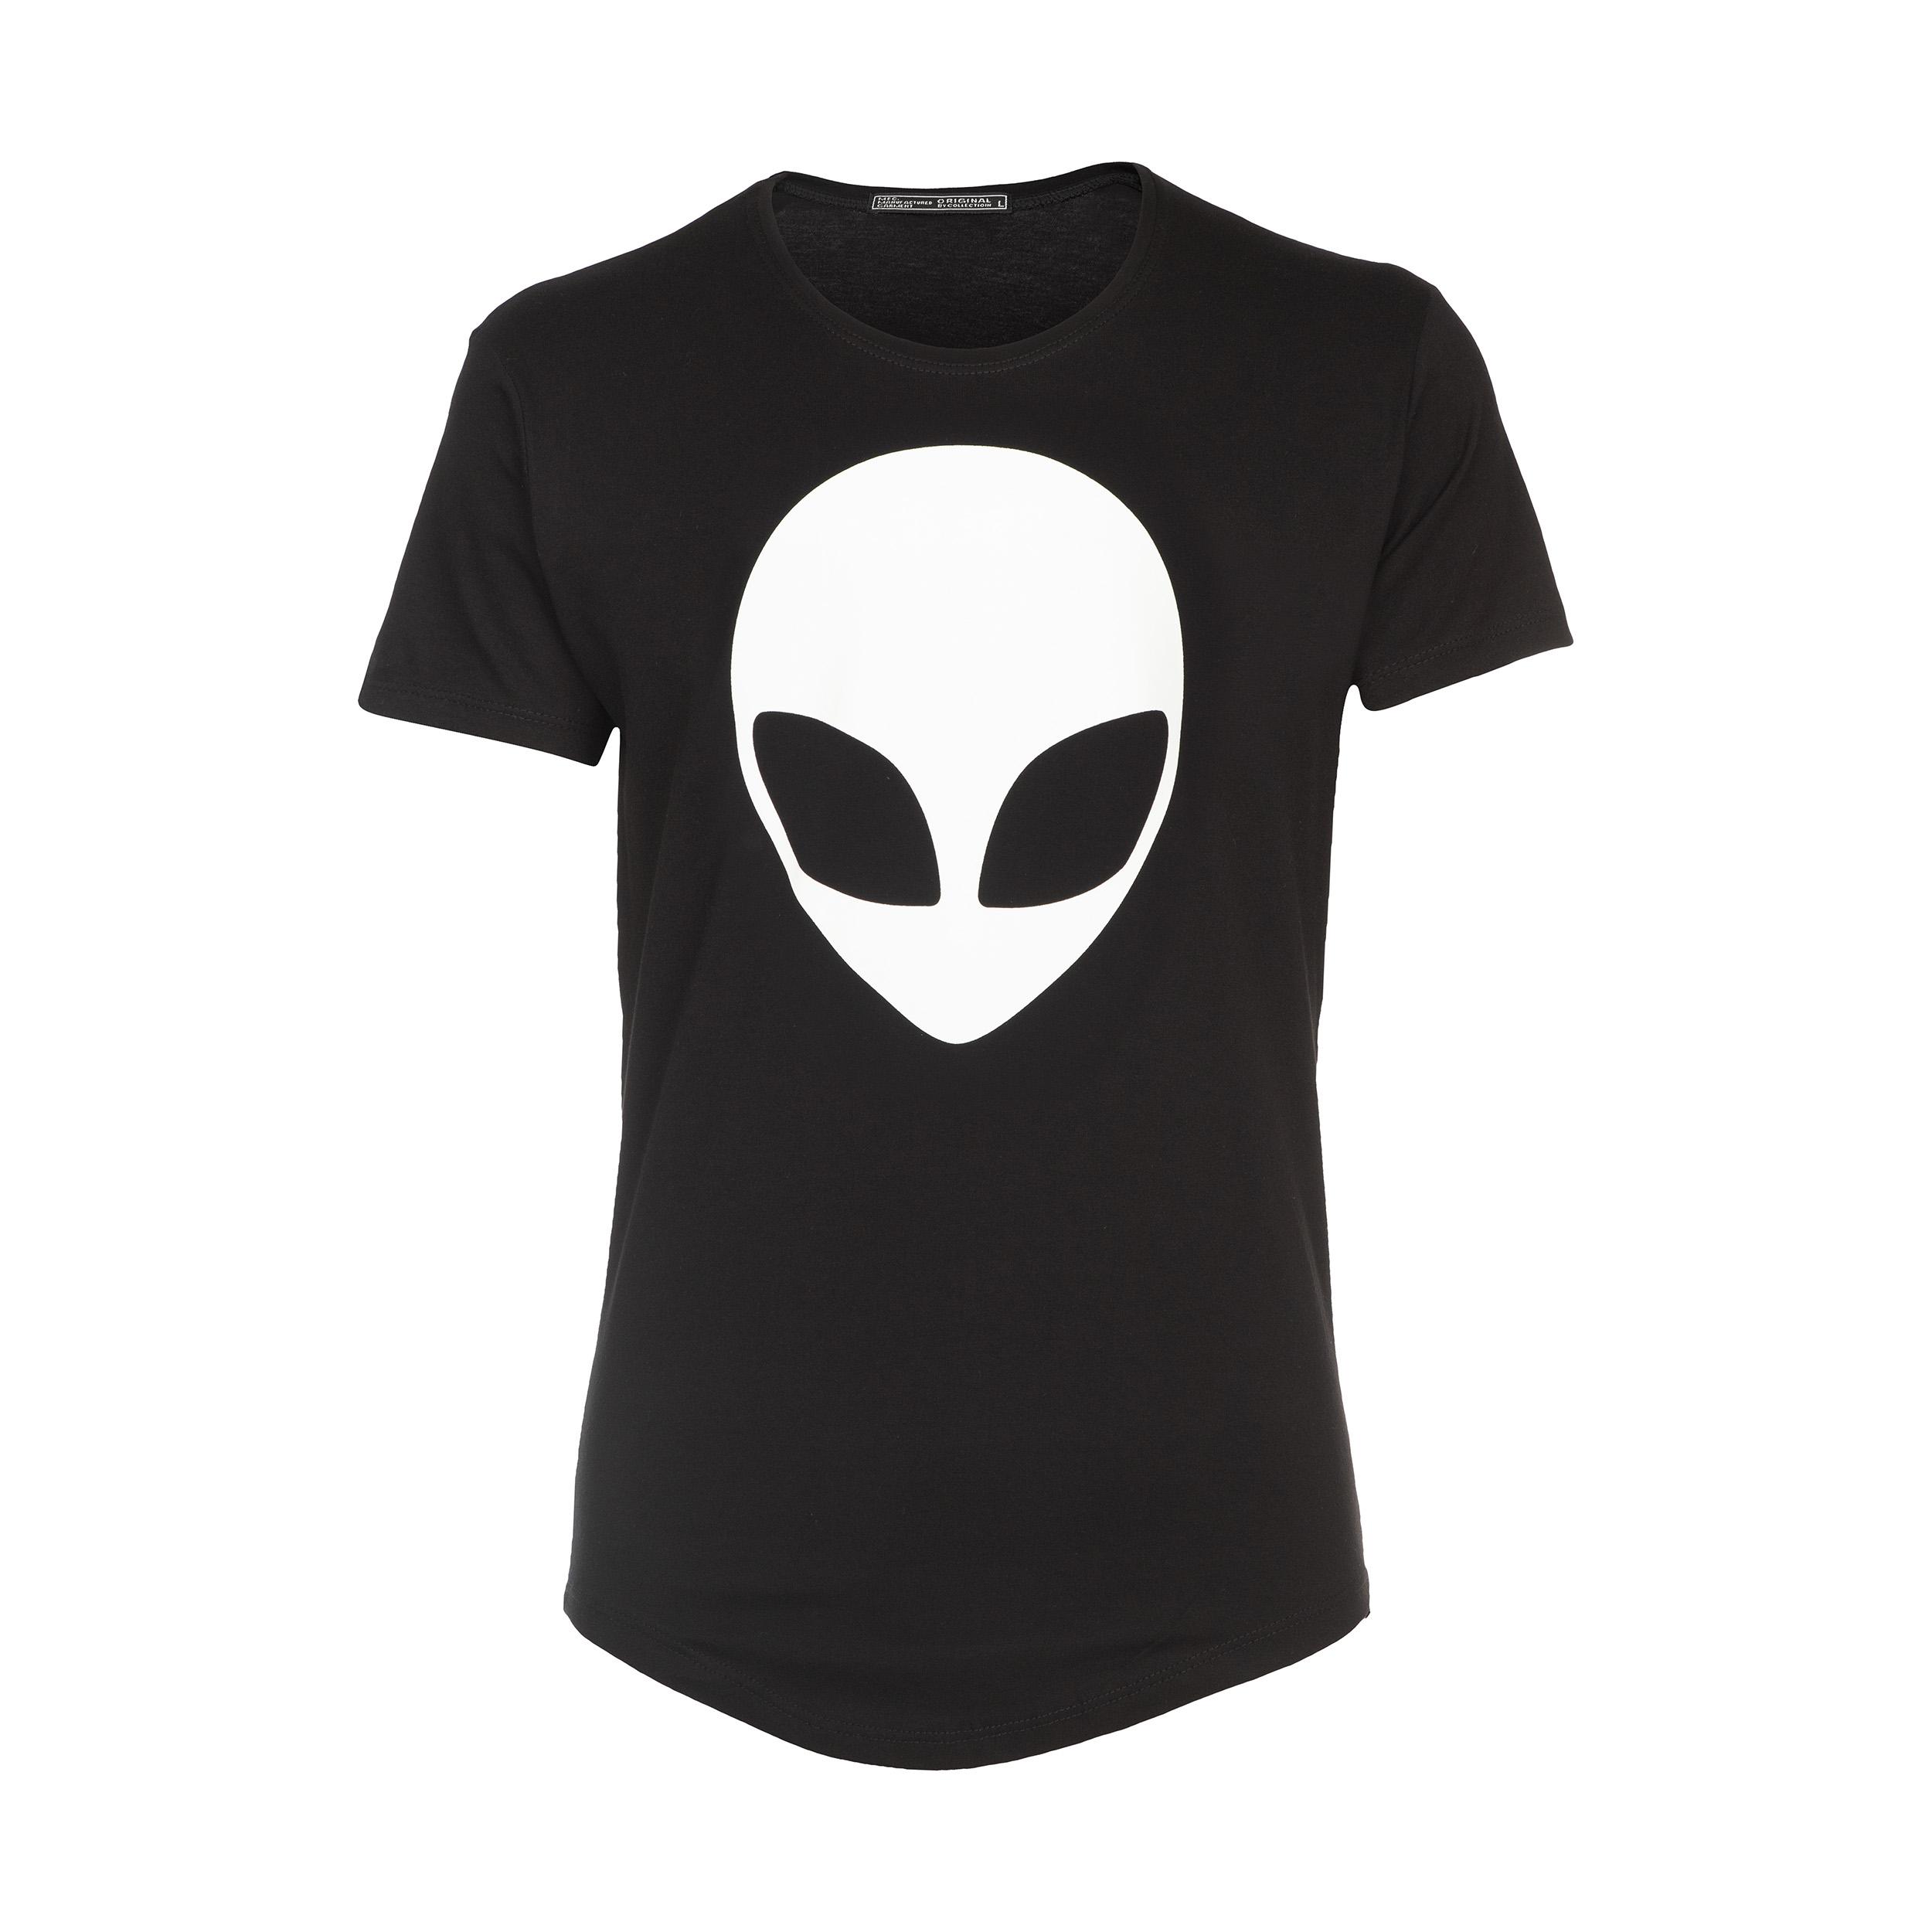 تی شرت آستین کوتاه مردانه لانگ مدل Lb